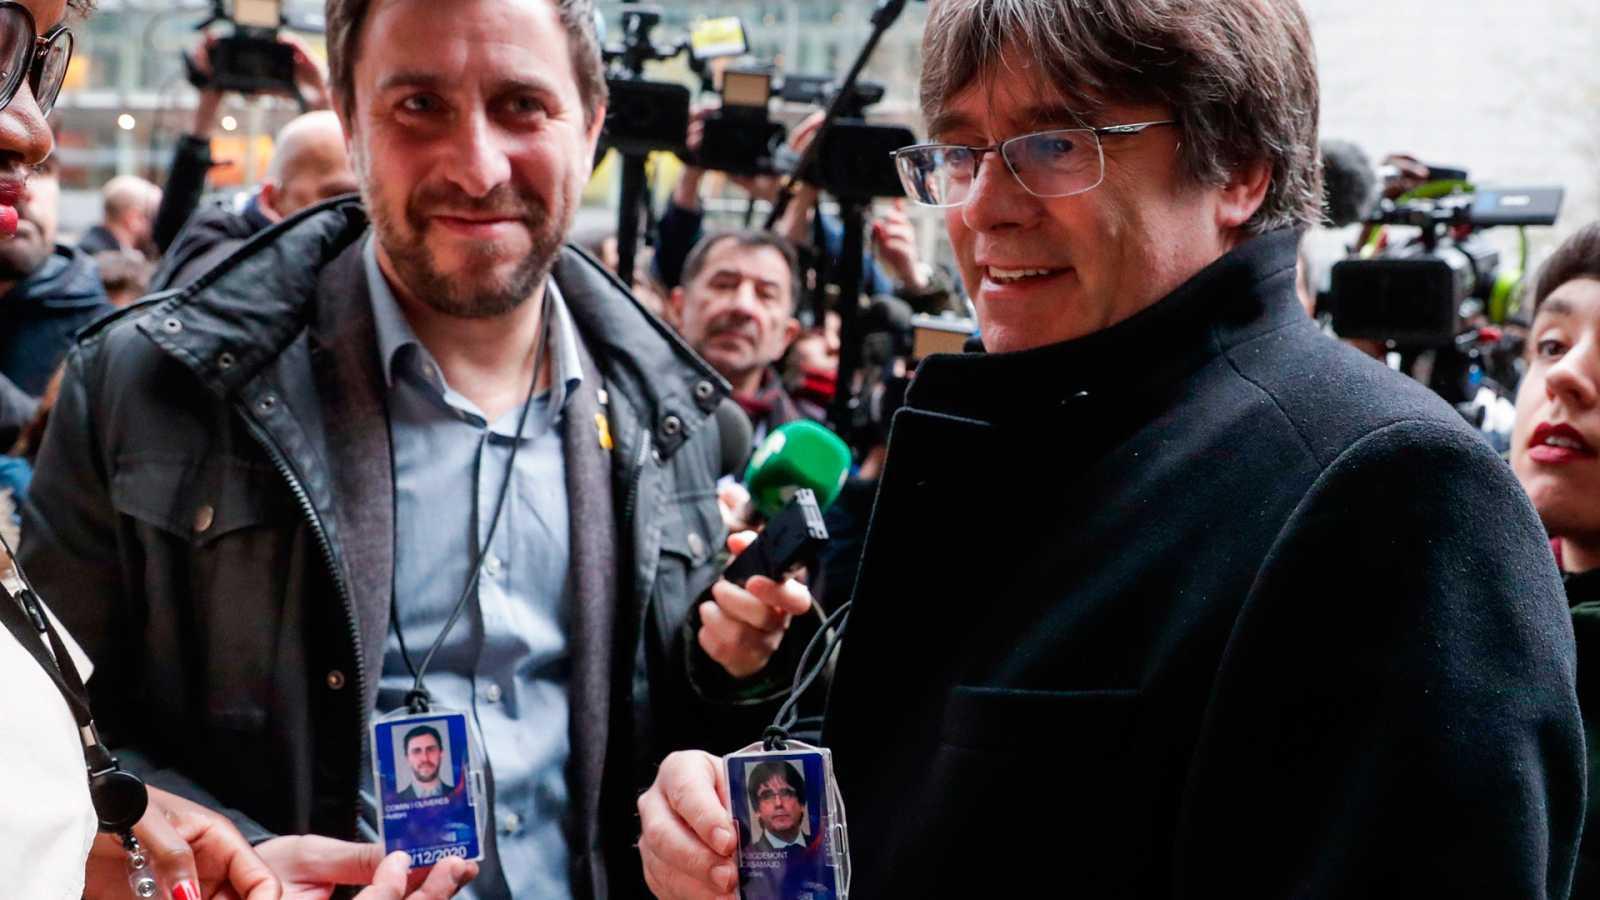 Puigdemont y Comín recogen su acreditación provisional como eurodiputados tras la sentencia de Junqueras